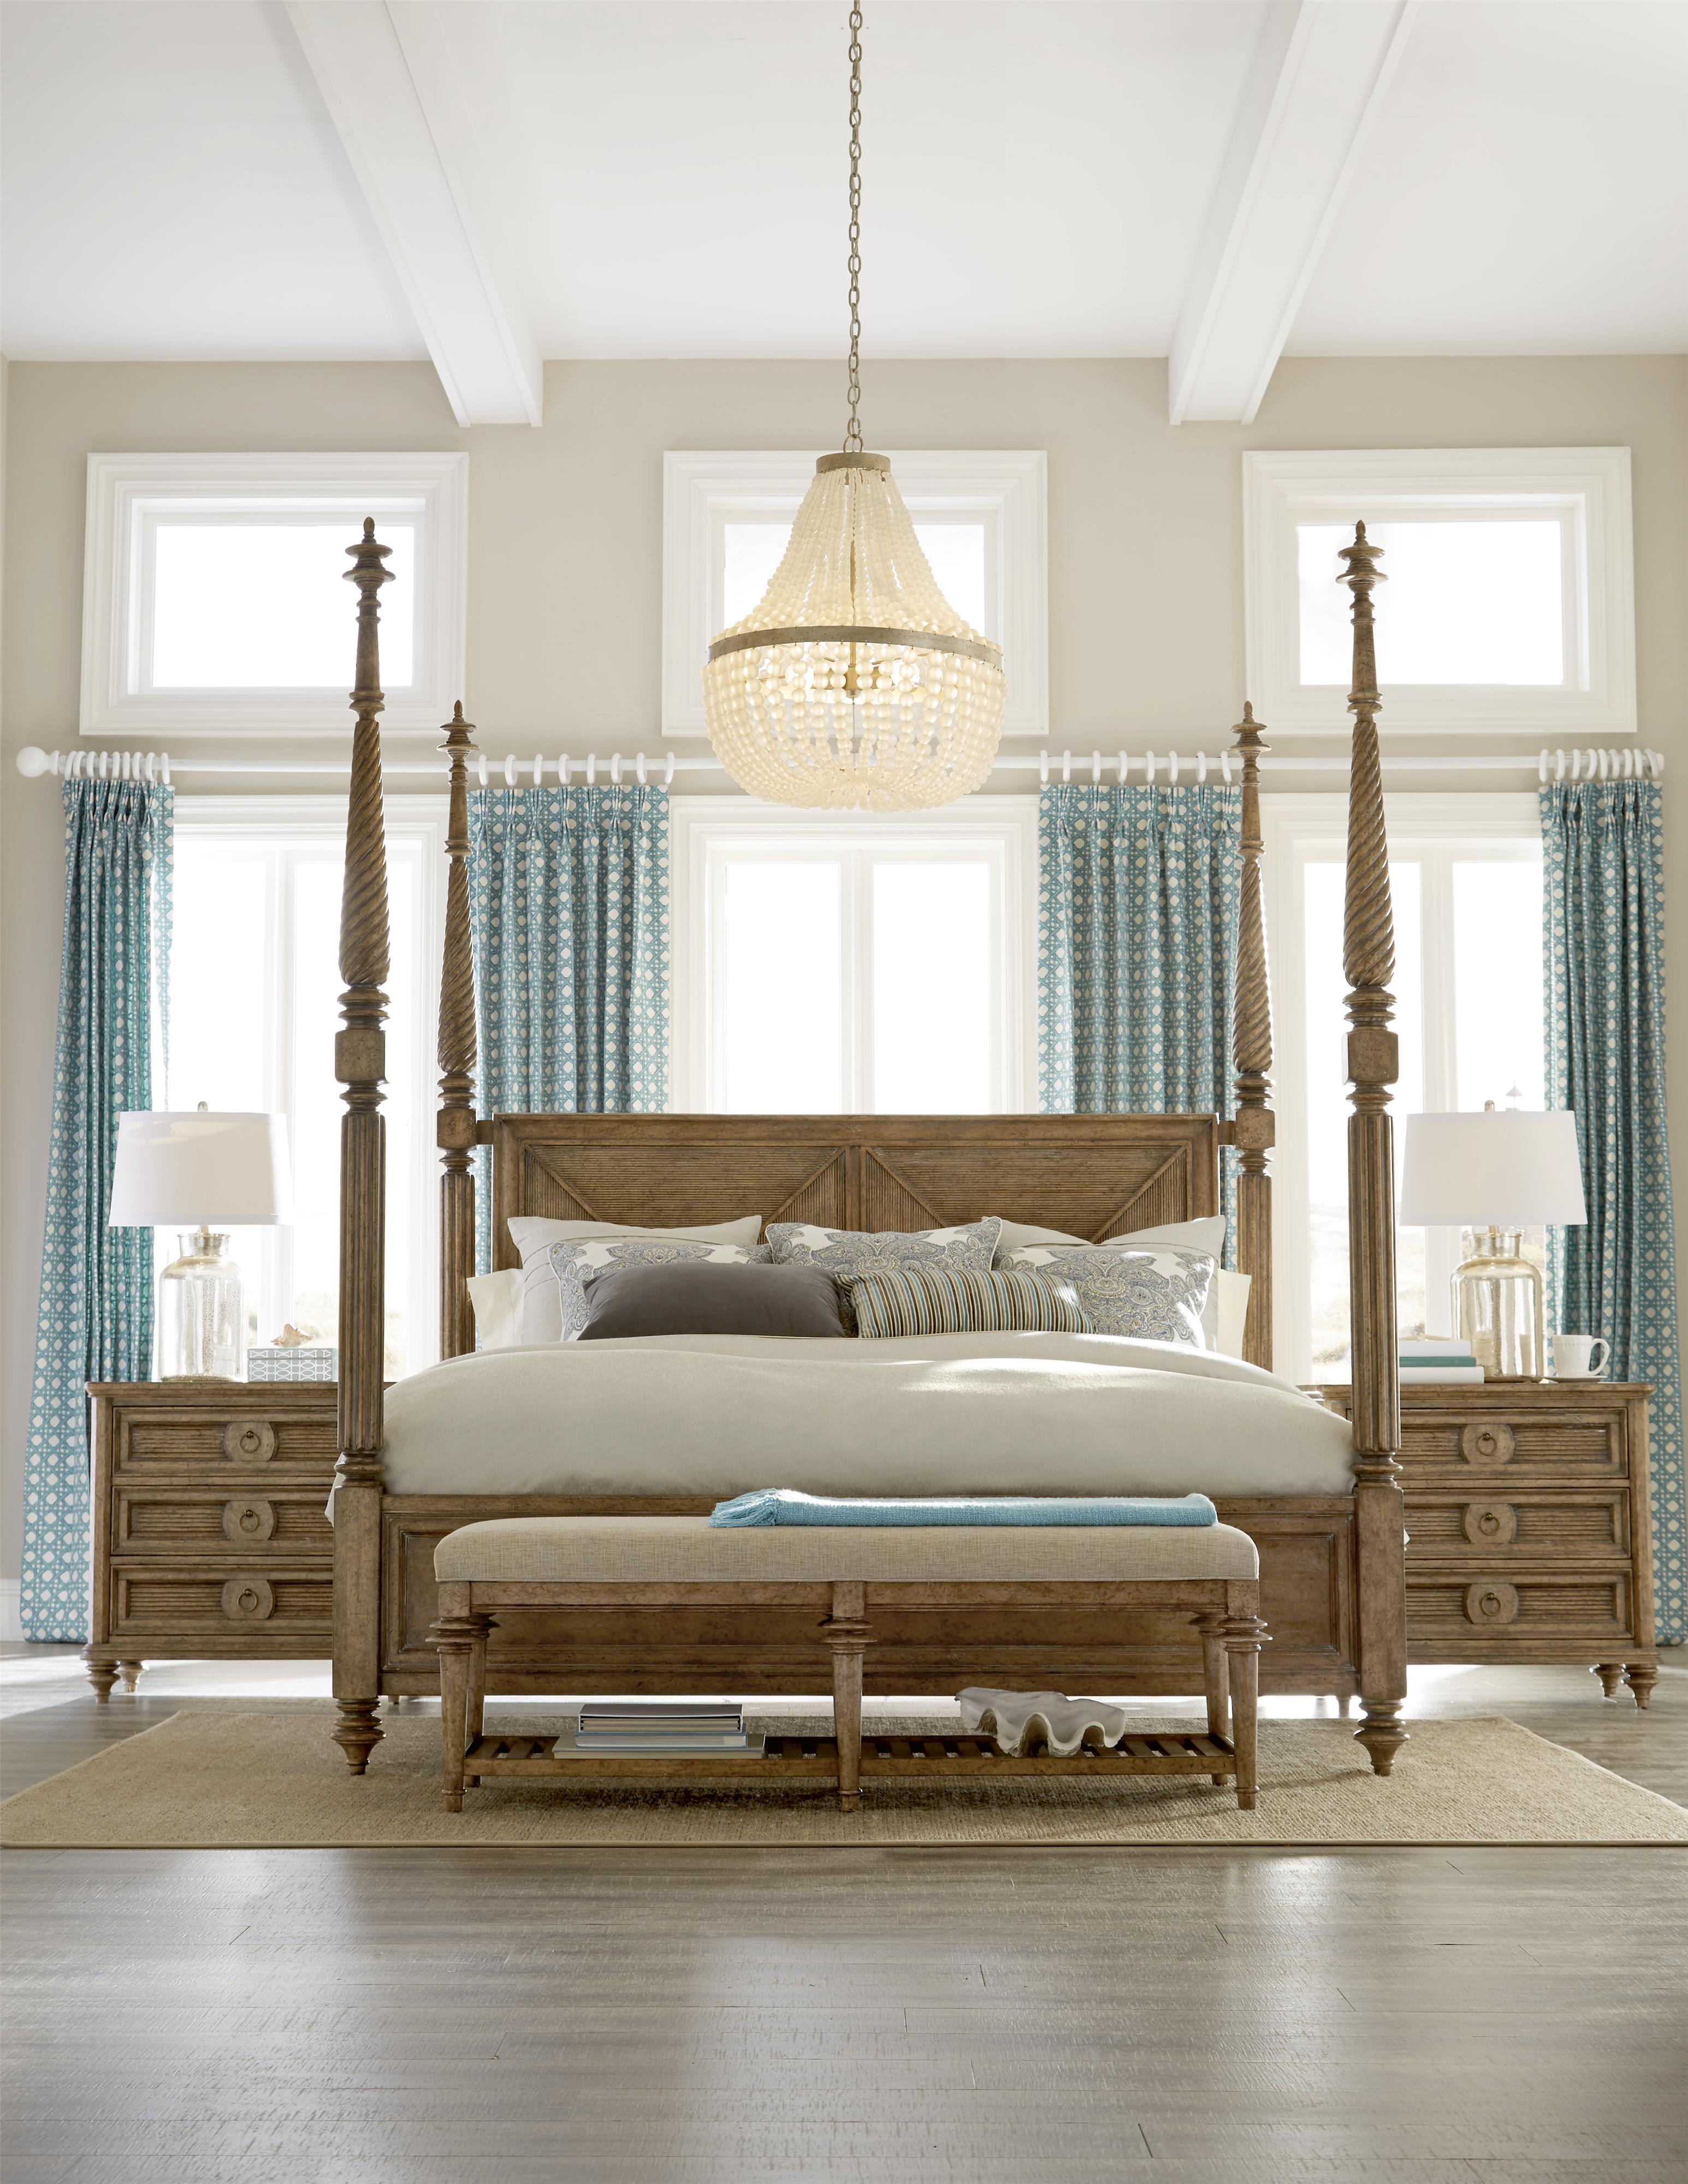 A.R.T. Furniture Inc Pavilion King Bedroom Group - Item Number: 229000-2608 K Bedroom Group 6